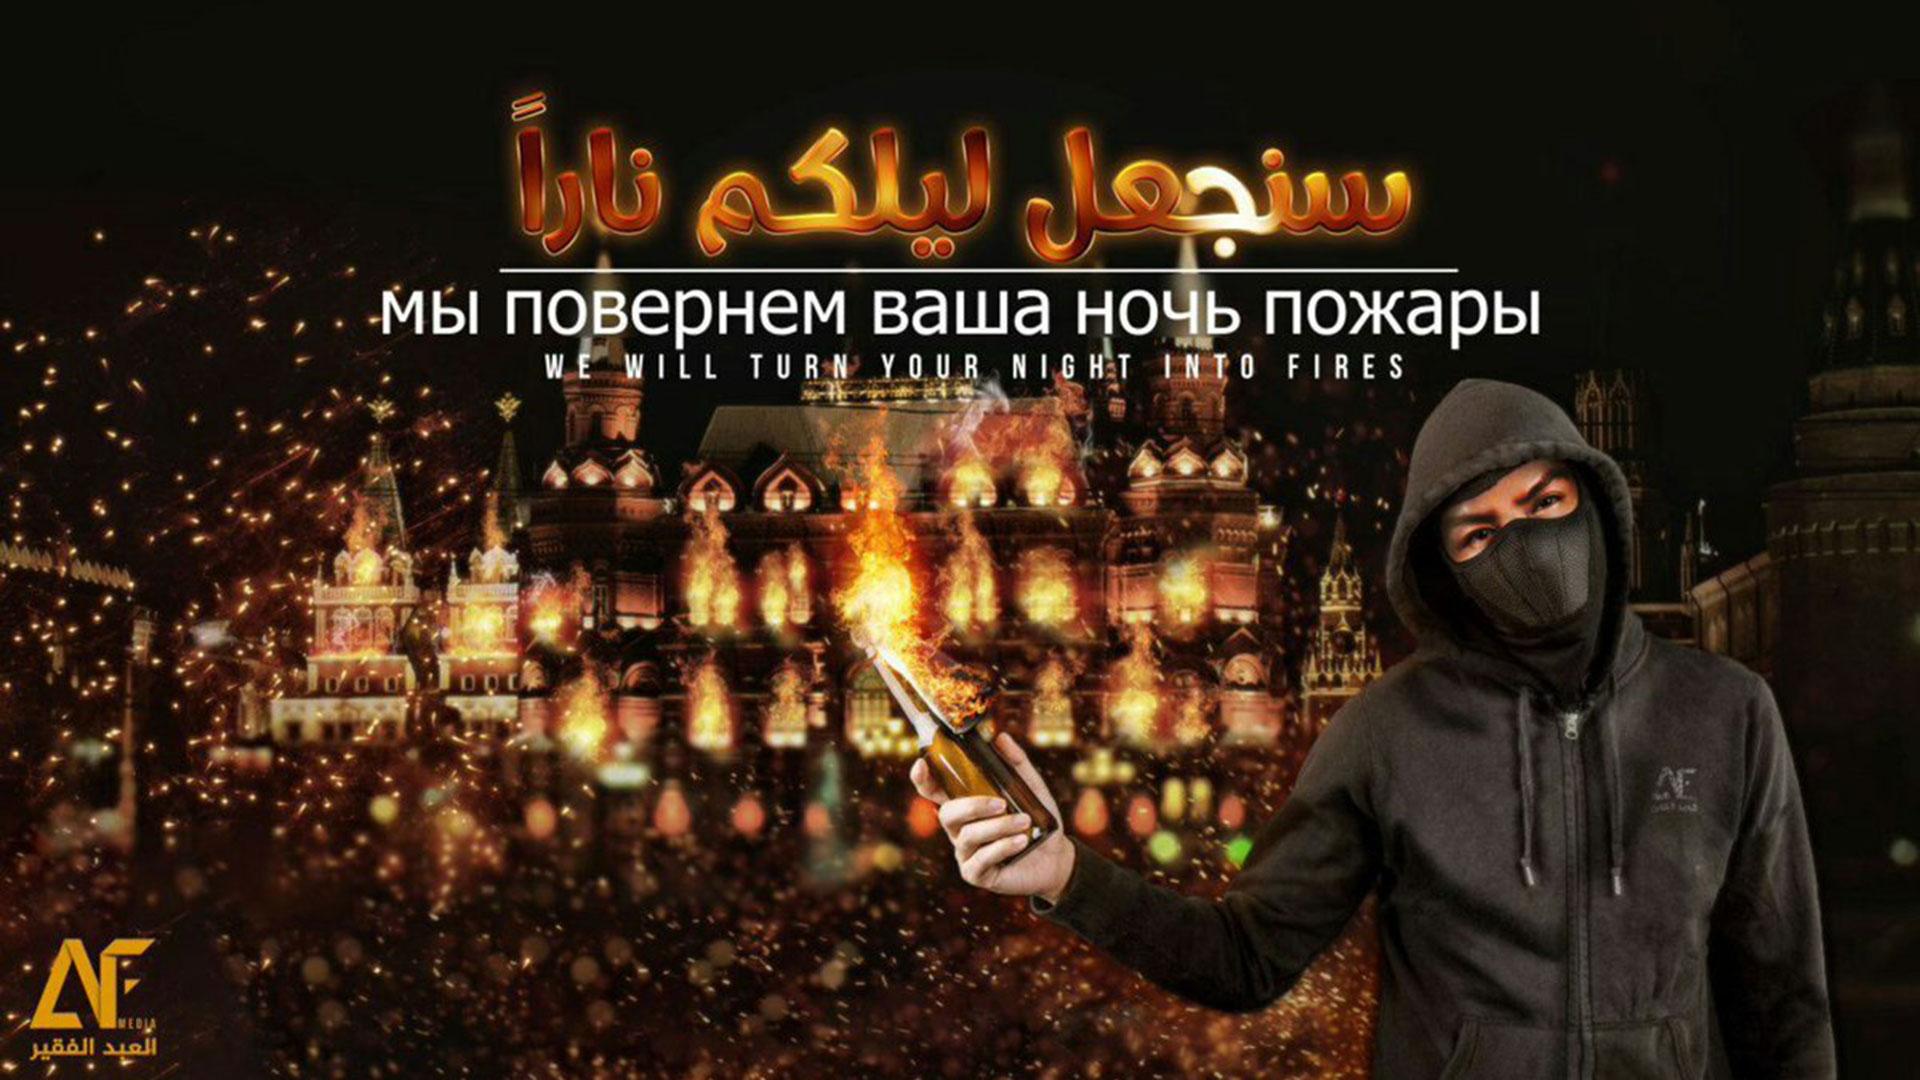 """""""Convertiremos a sus noches en incendios"""", con imágenes de Moscú en llamas de fondo"""